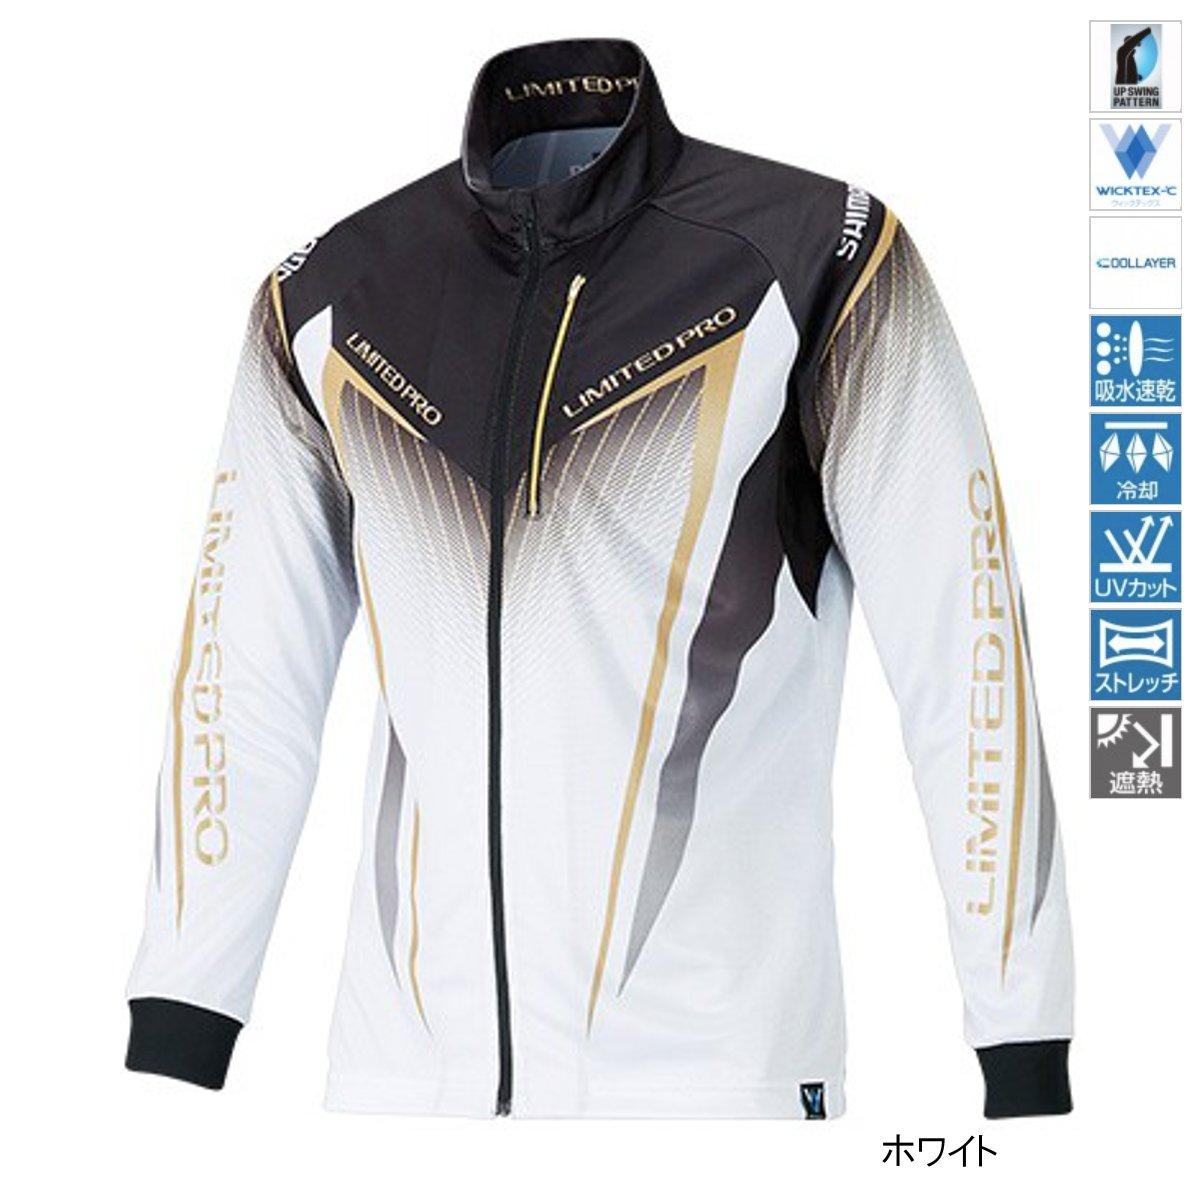 シマノ フルジップシャツLIMITED PRO(長袖) SH-011S 2XL ホワイト【送料無料】